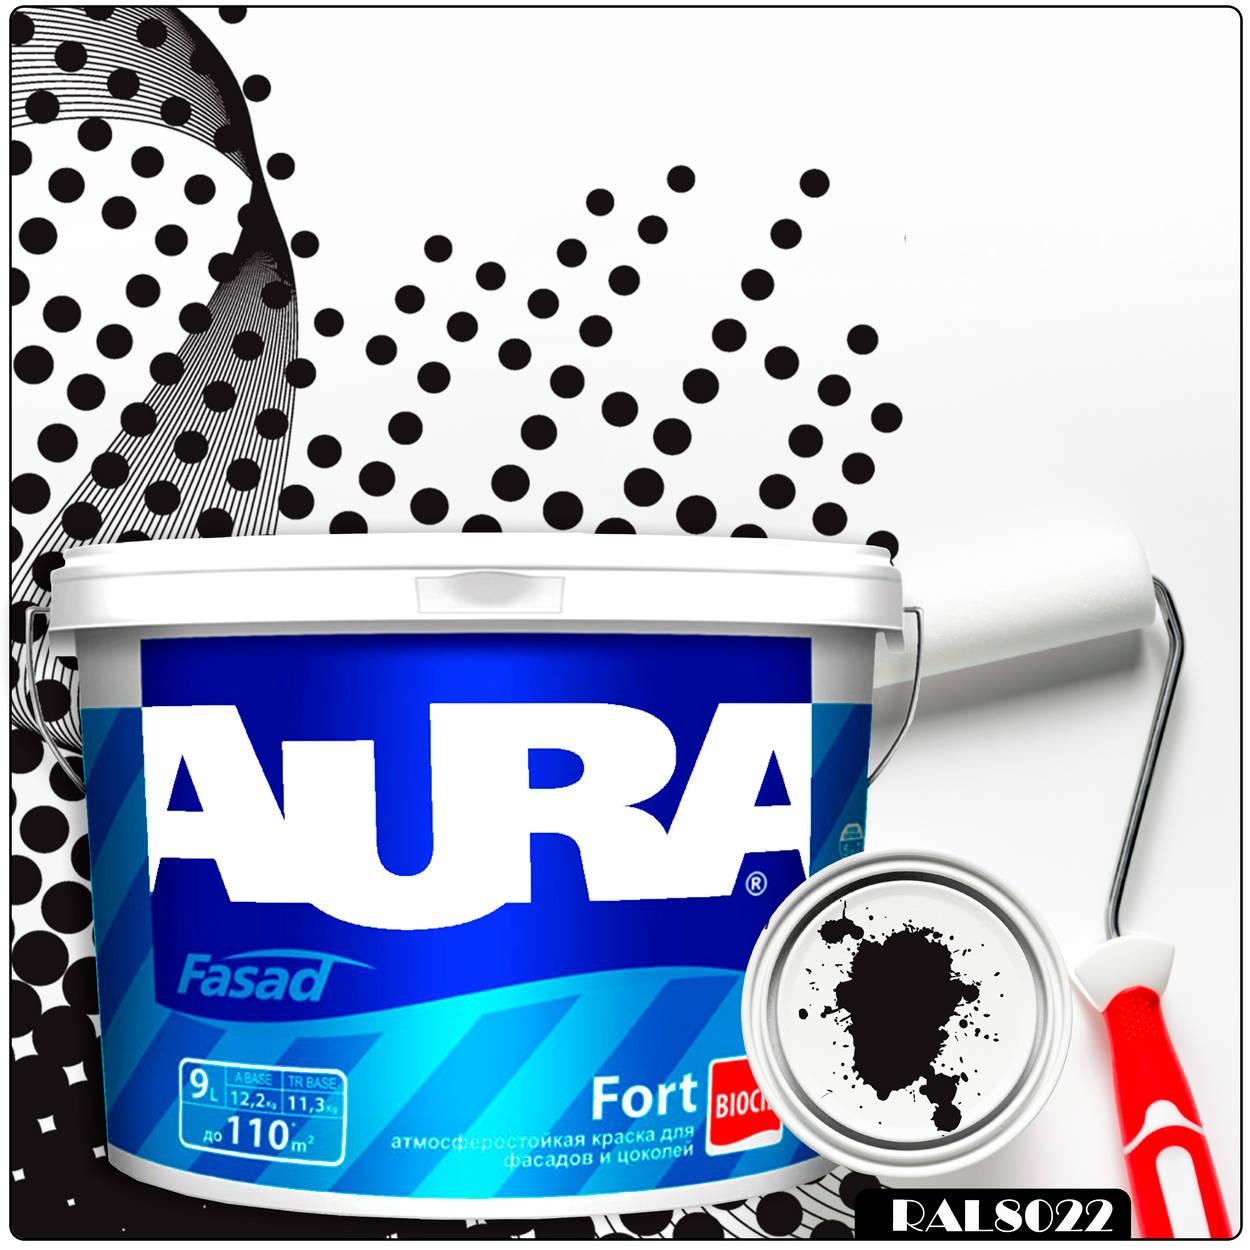 Фото 14 - Краска Aura Fasad Fort, RAL 8022 Чёрно-коричневый, латексная, матовая, для фасада и цоколей, 9л, Аура.